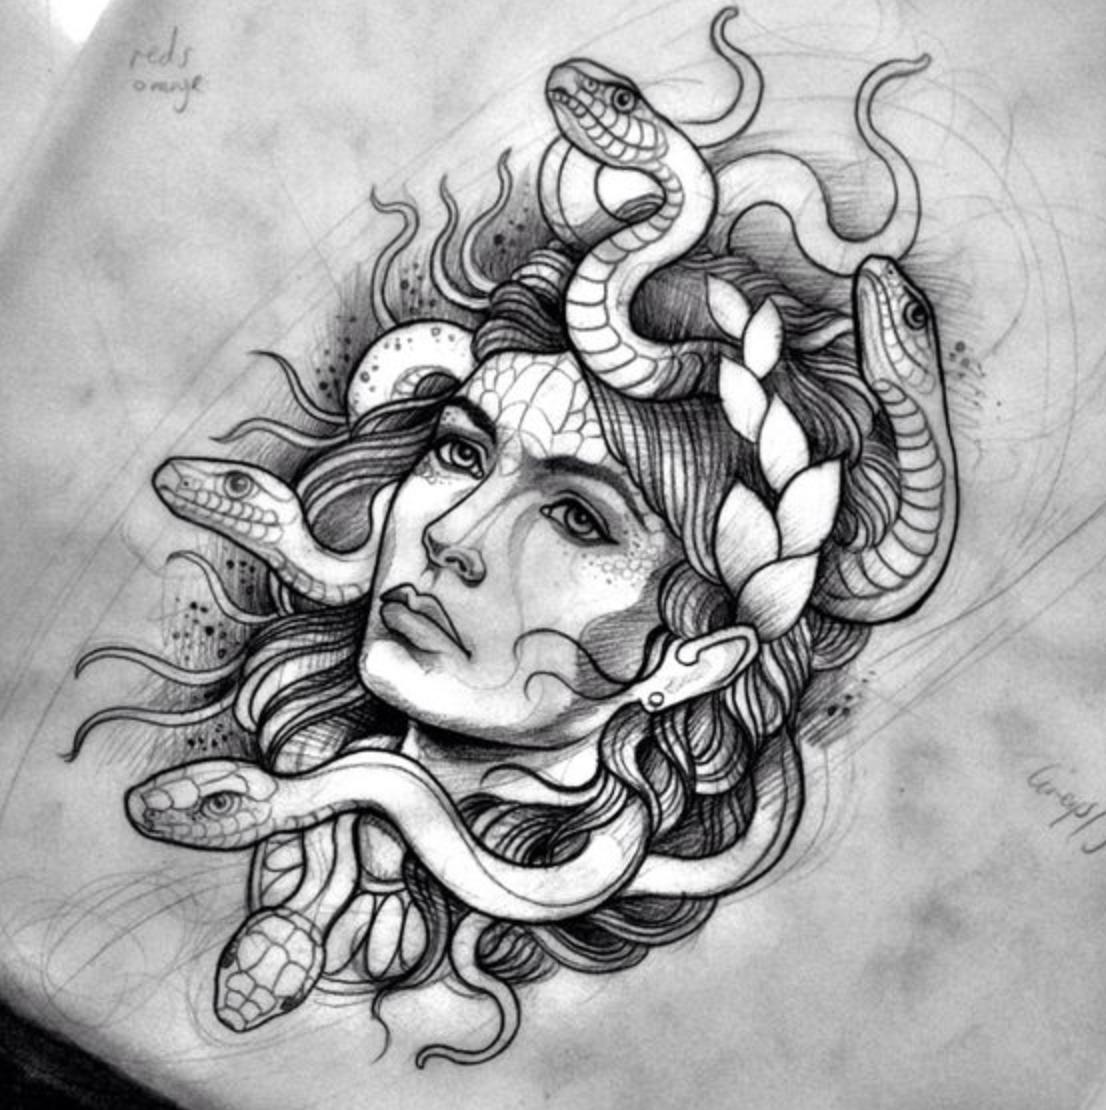 Tattoo Ideas To Draw: Medusa Tattoo, Tattoos